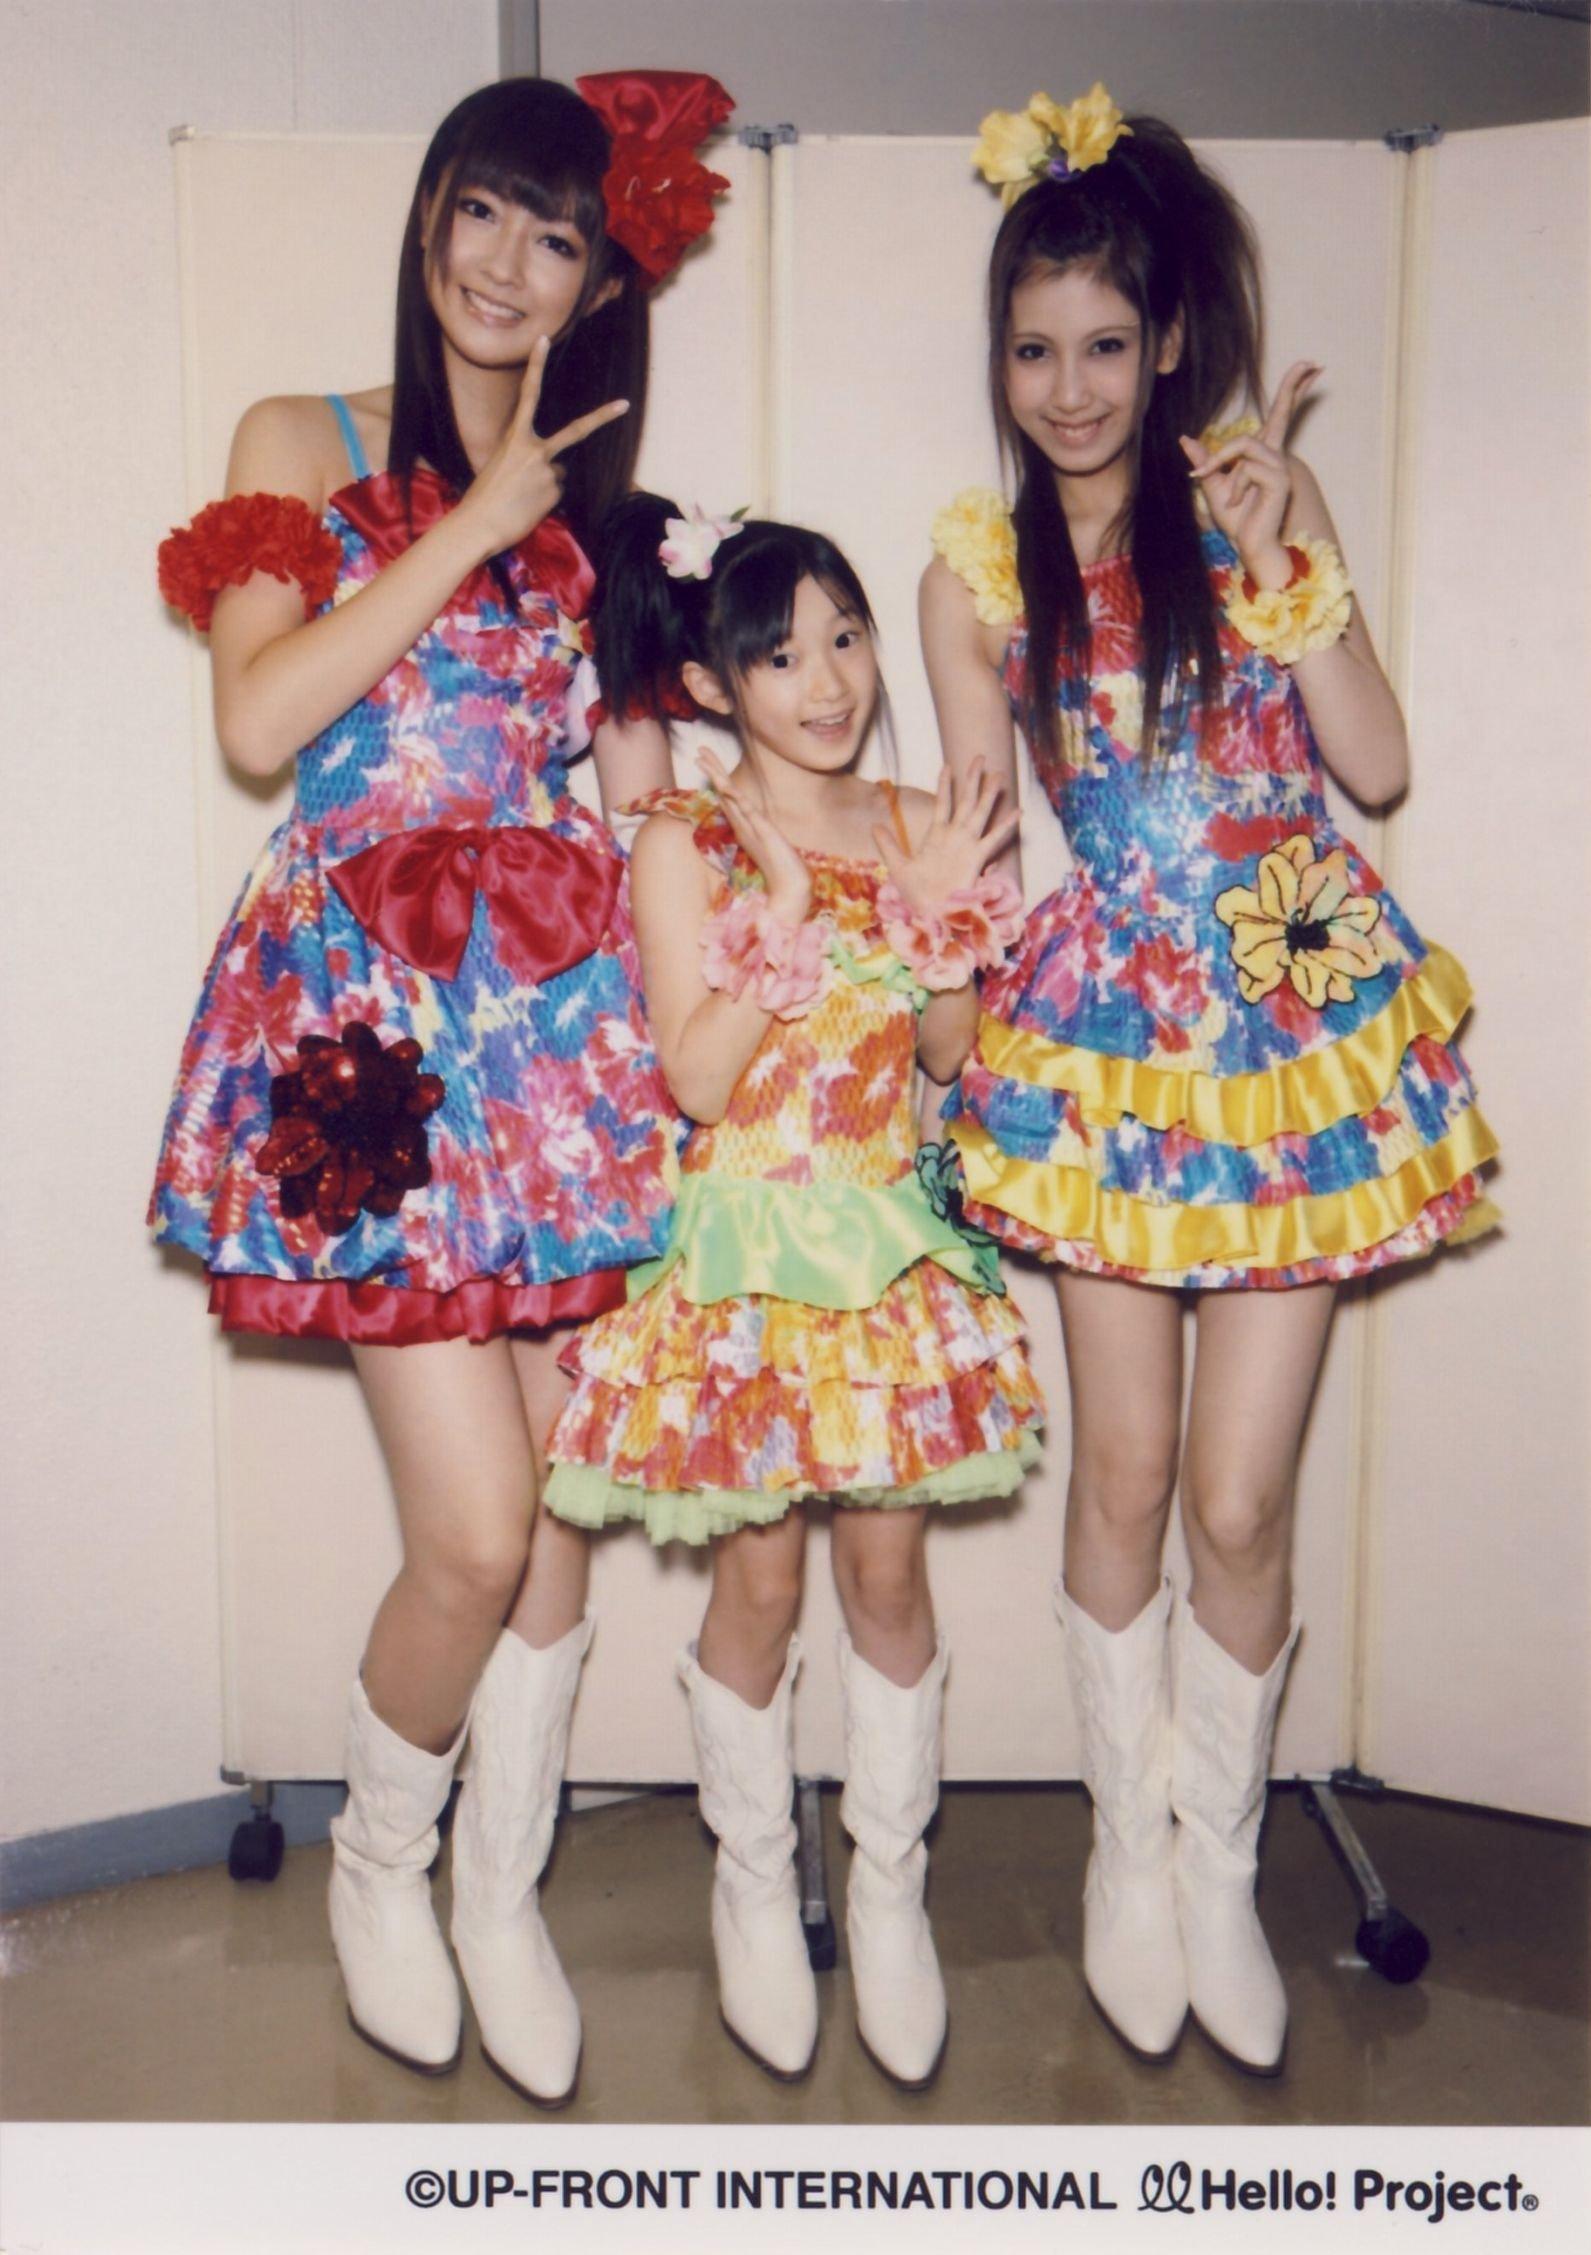 Idol japonesa Erika Umeda